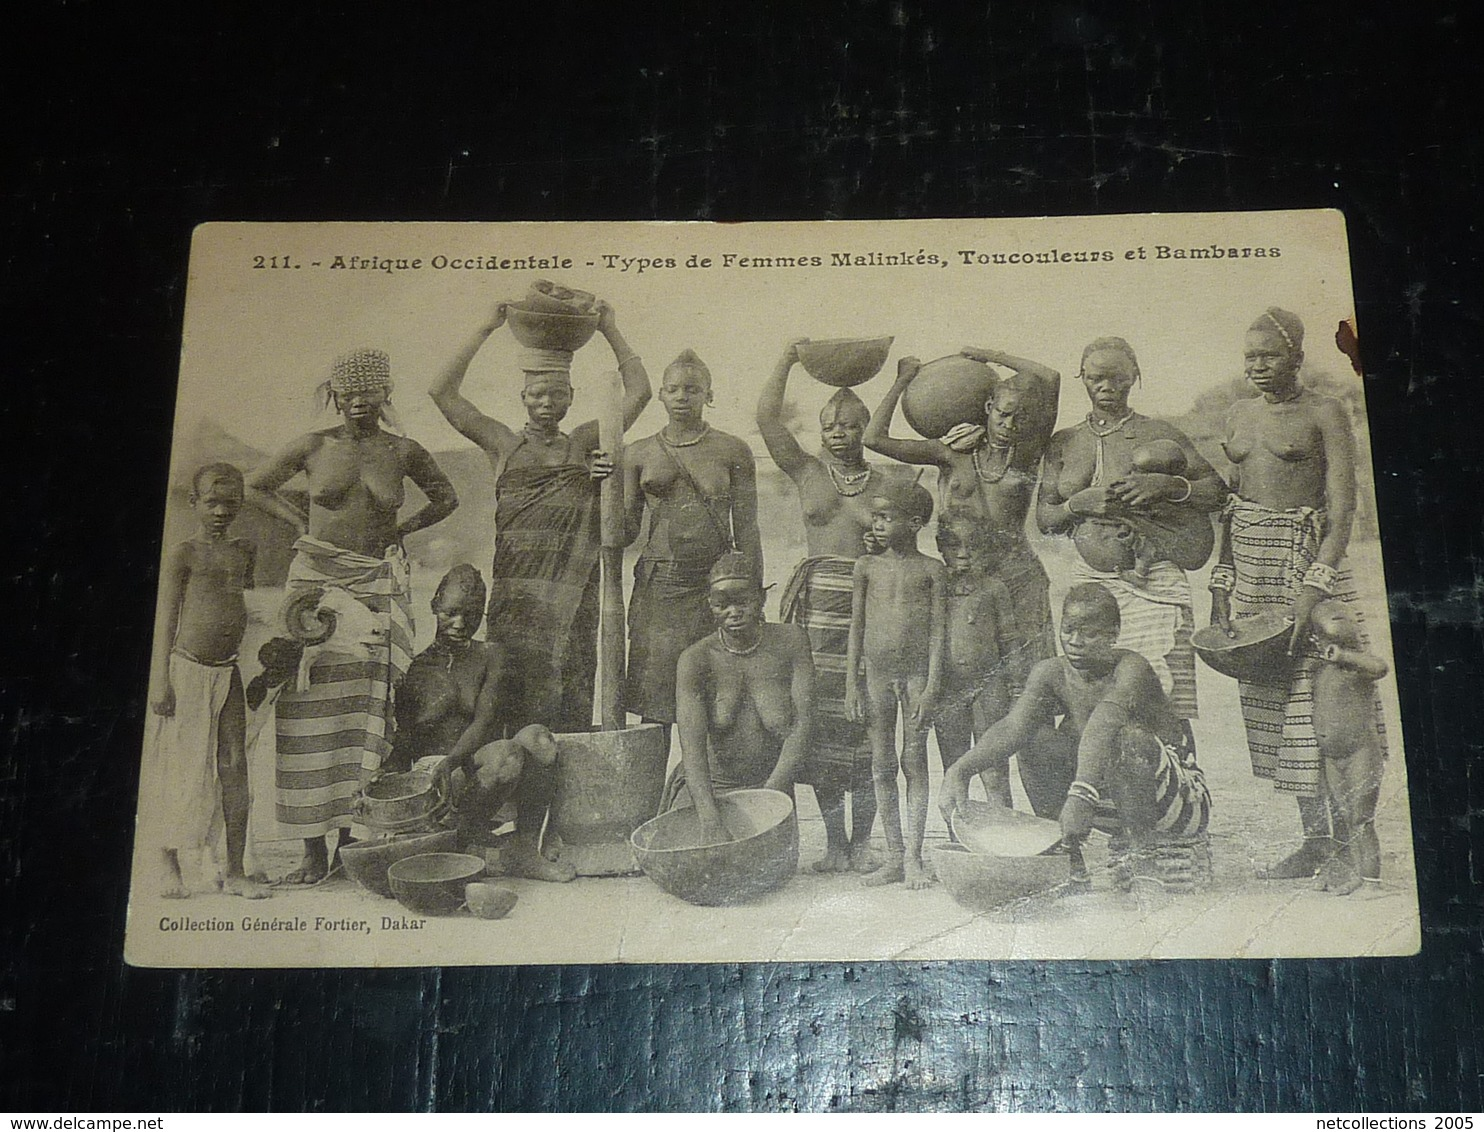 AFRIQUE OCCIDENTALE - TYPES DE FEMMES MALINKES, TOUCOULEURS ET BAMBARAS - AFRIQUE (AD) - Côte-d'Ivoire